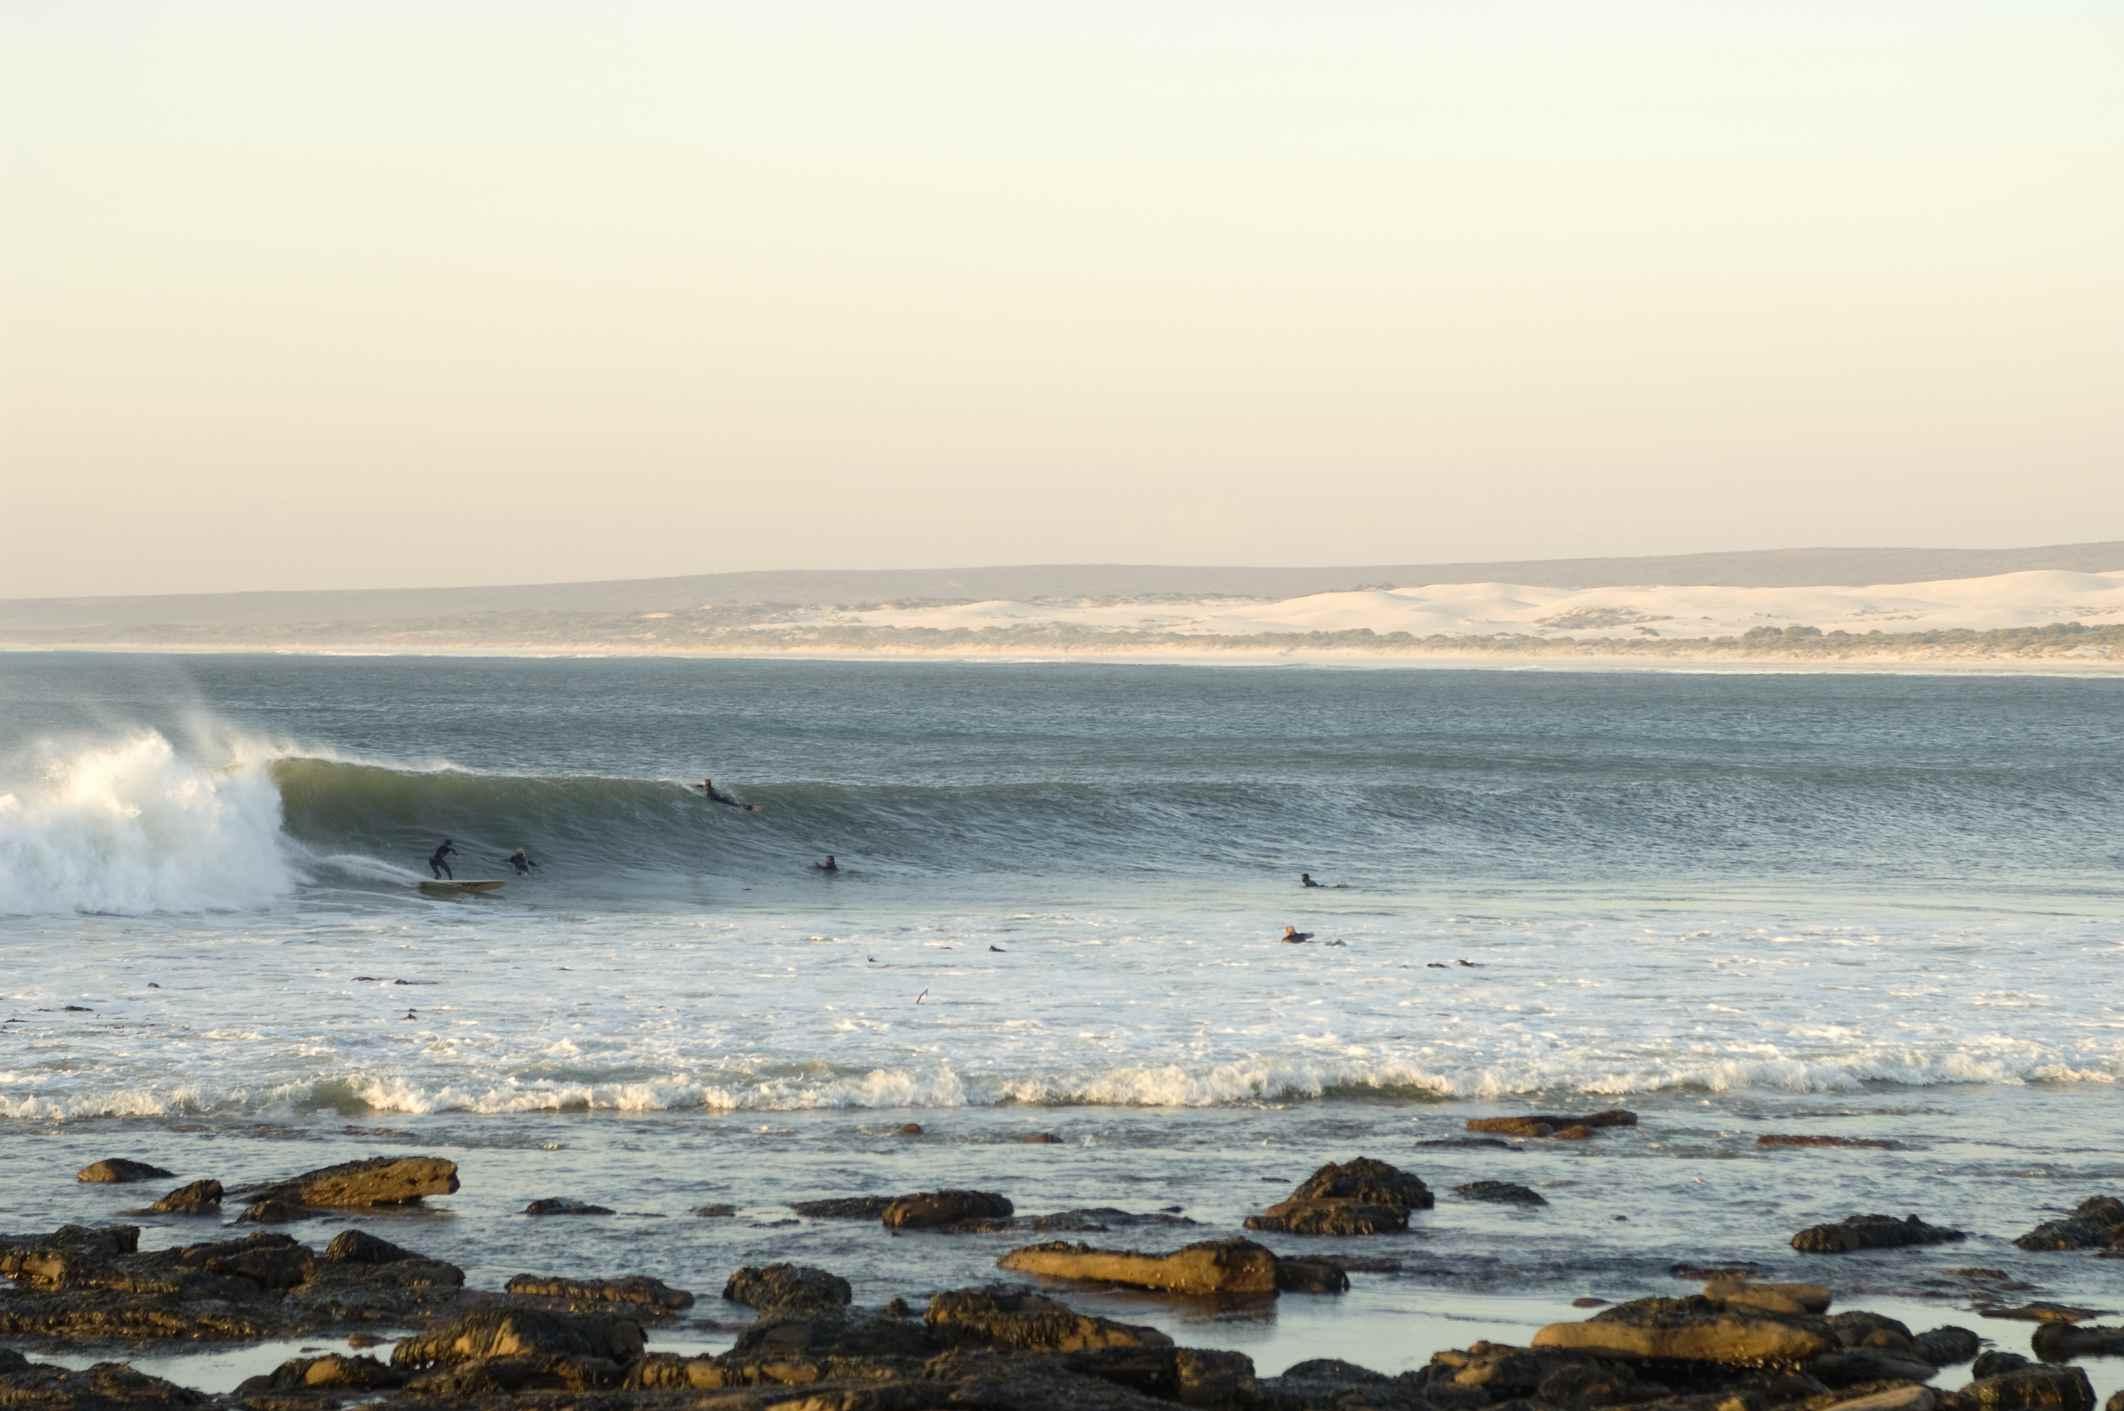 Surfistas nadando en el agua, Elands Bay, Provincia Occidental del Cabo, Sudáfrica